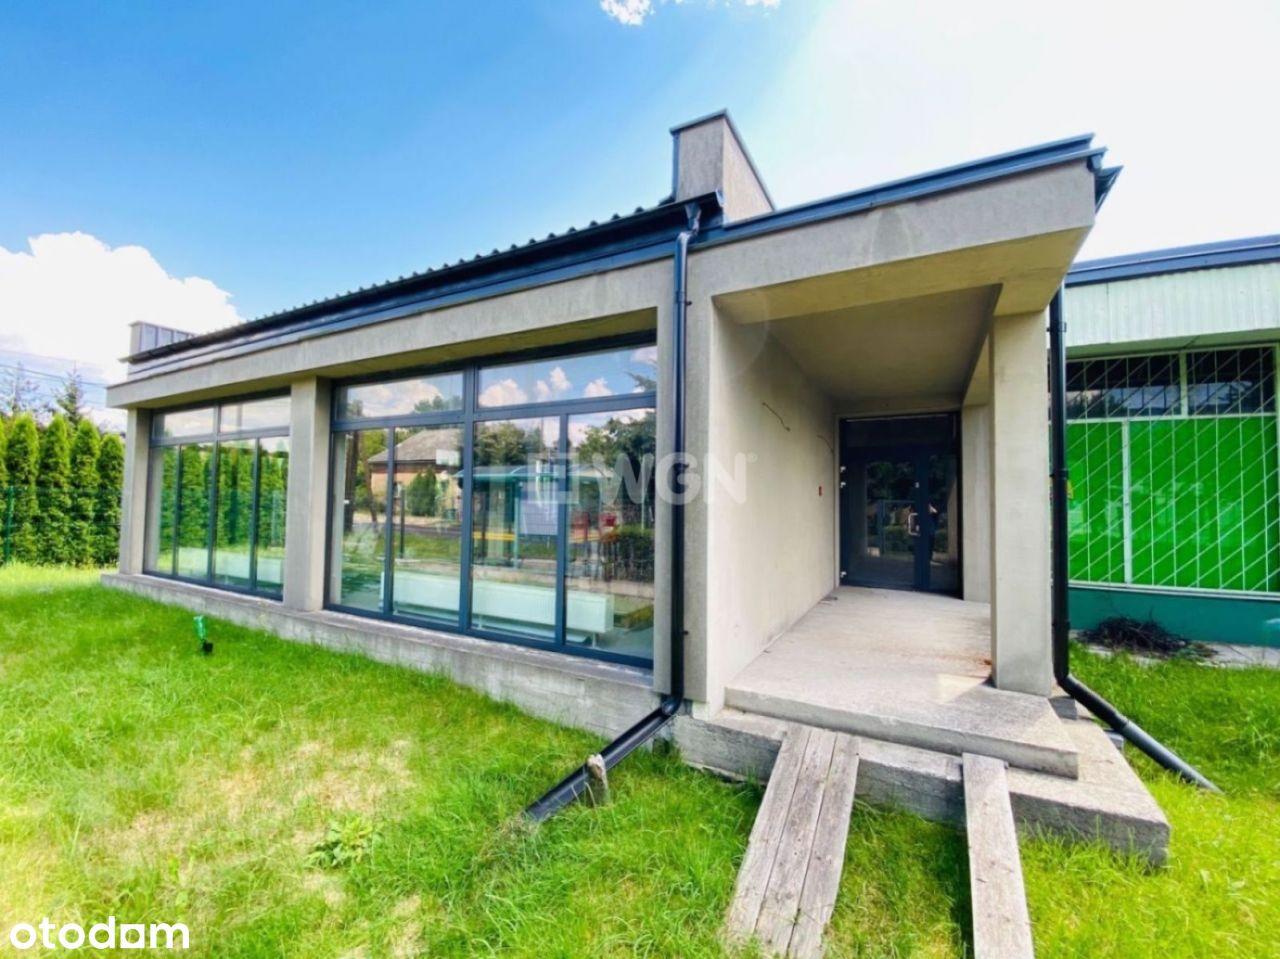 Lokal użytkowy, 437 m², Jaworzno